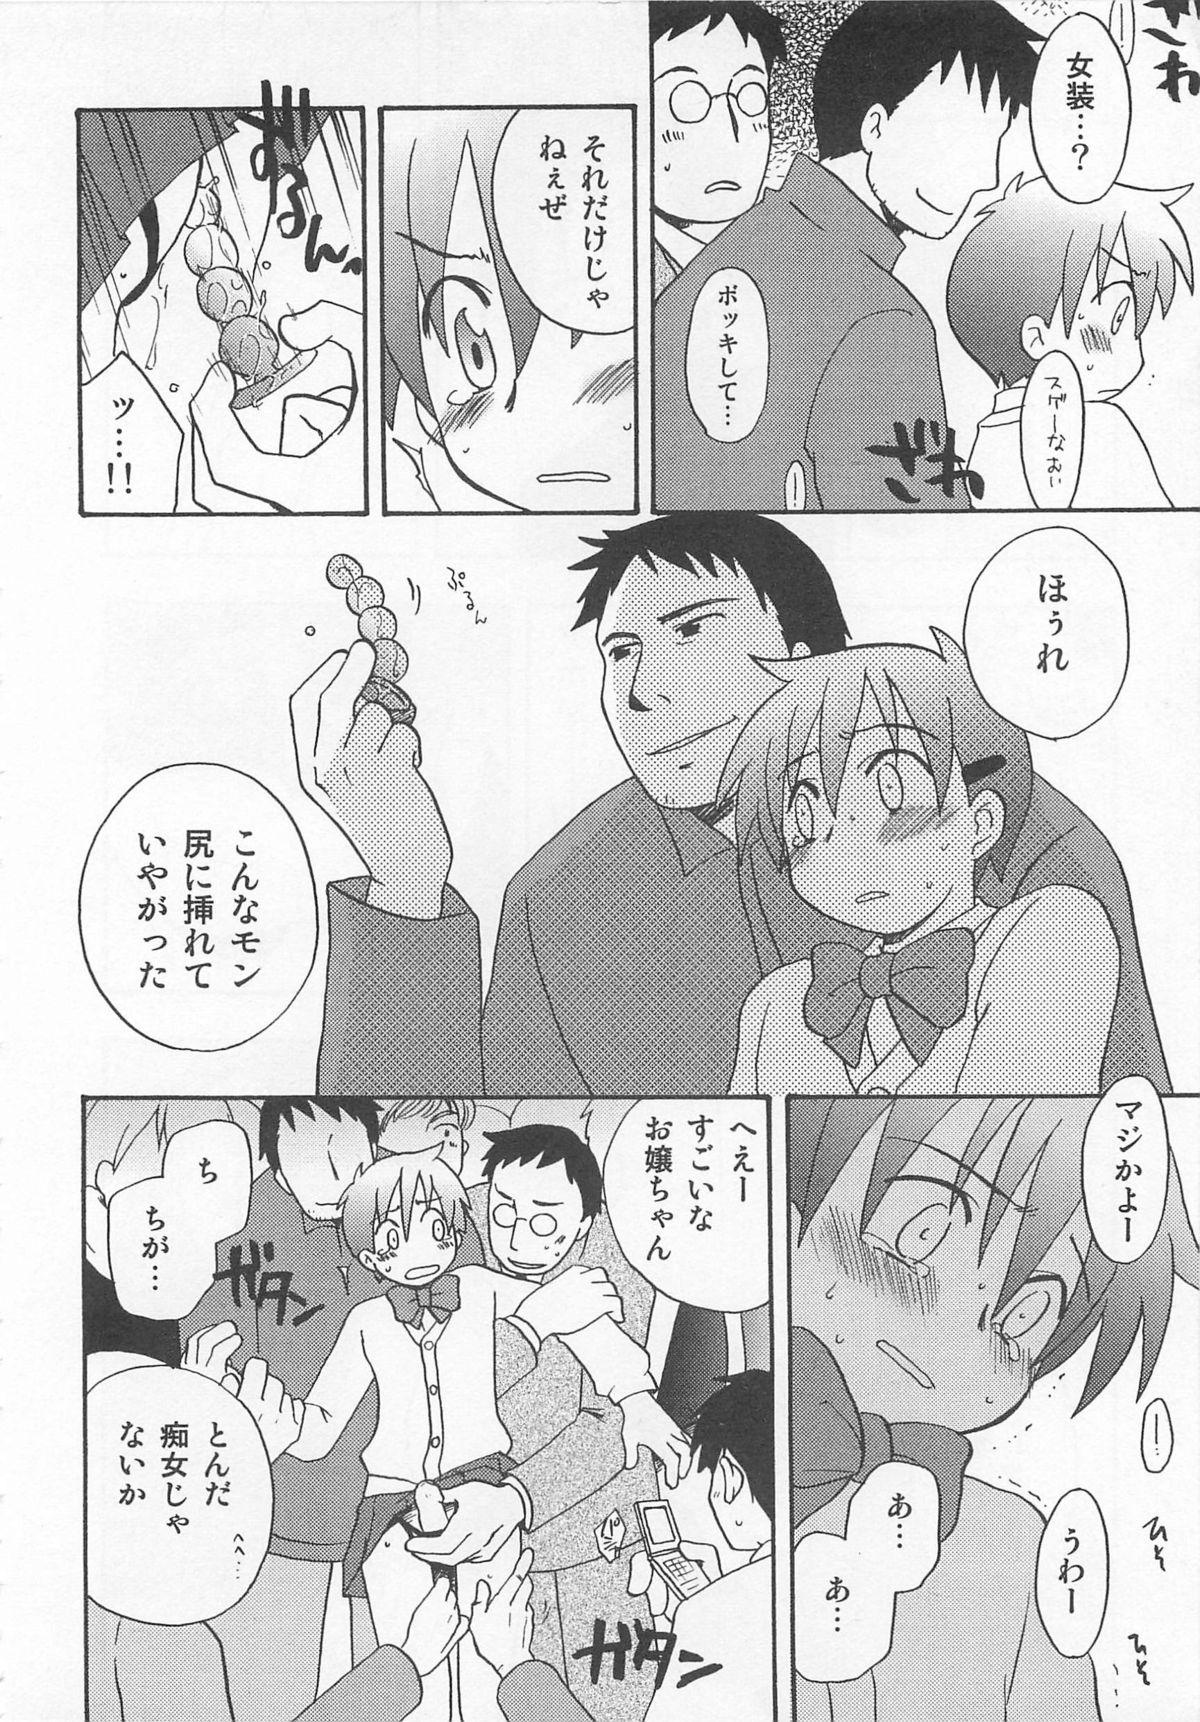 Otokonoko HEAVEN Vol. 01 Meganekko 100